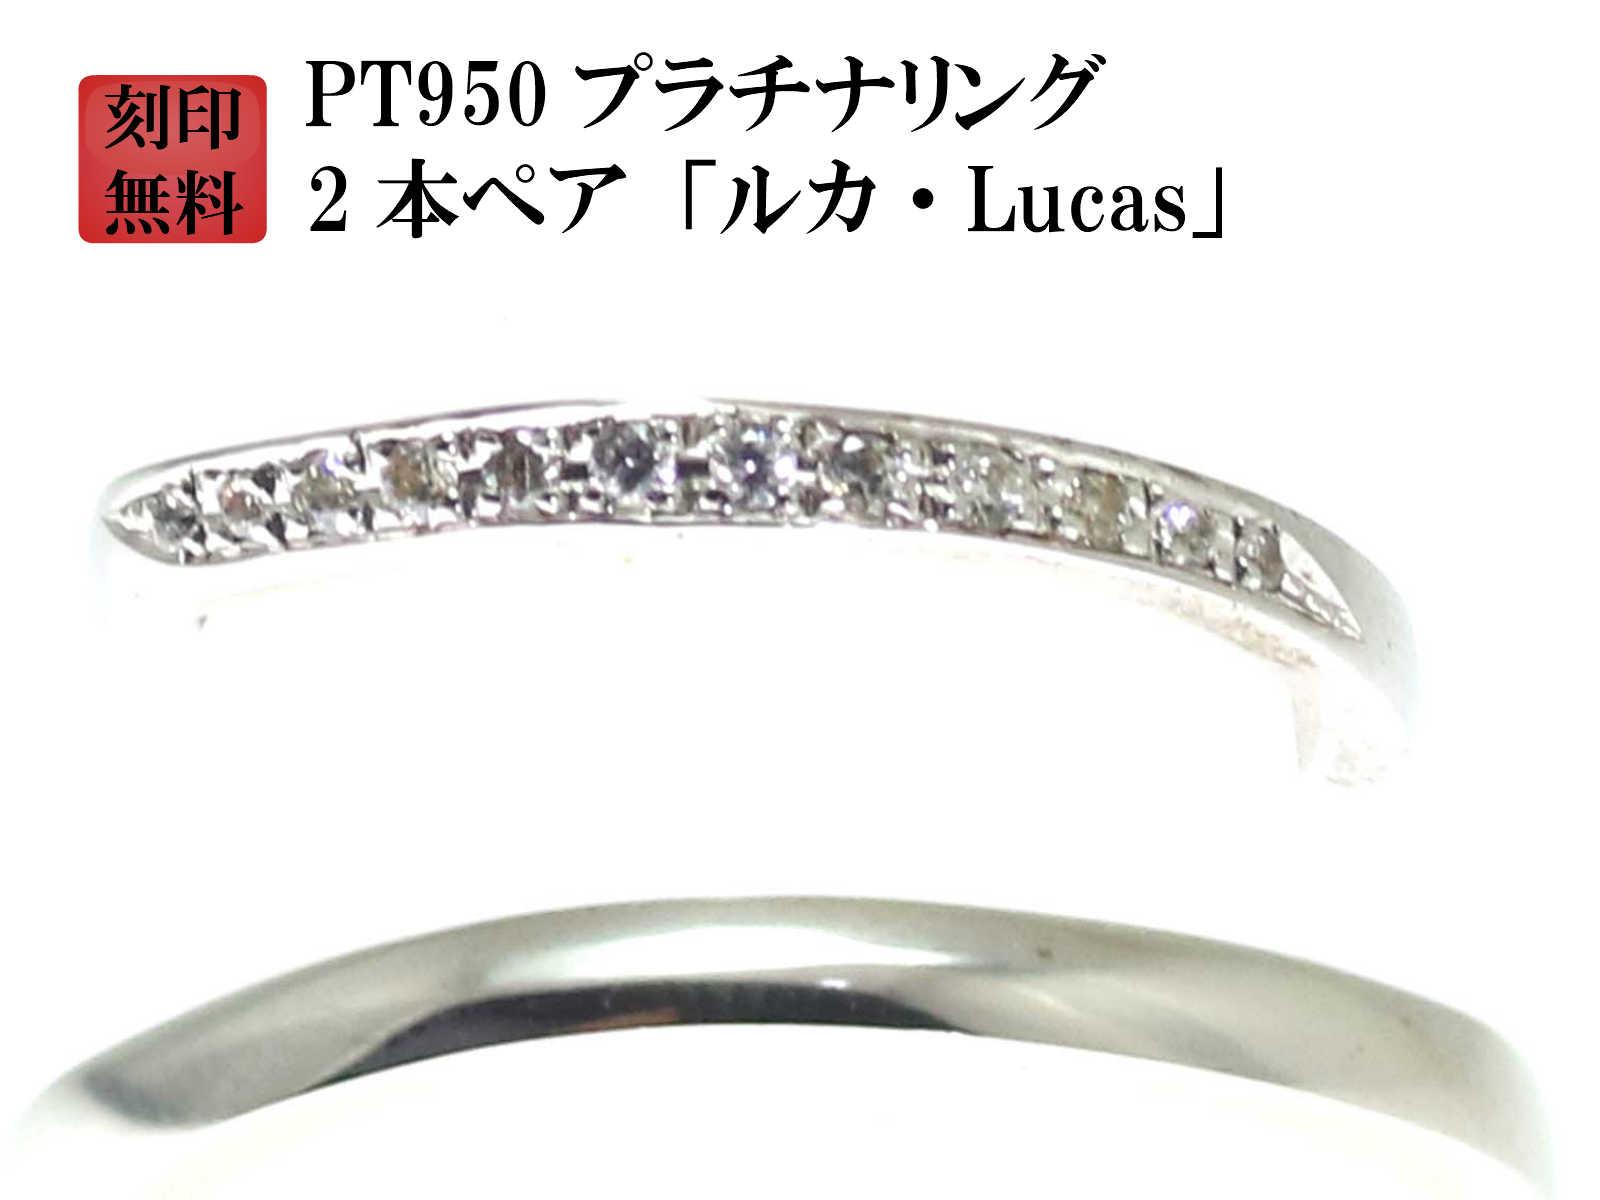 結婚指輪 マリッジリング Pt950 プラチナ リング ( 純プラチナ 95%) 刻印無料 プラチナリング 2本 ペアリング 入り「Lucas・ルカ」【母の日 プレゼント】